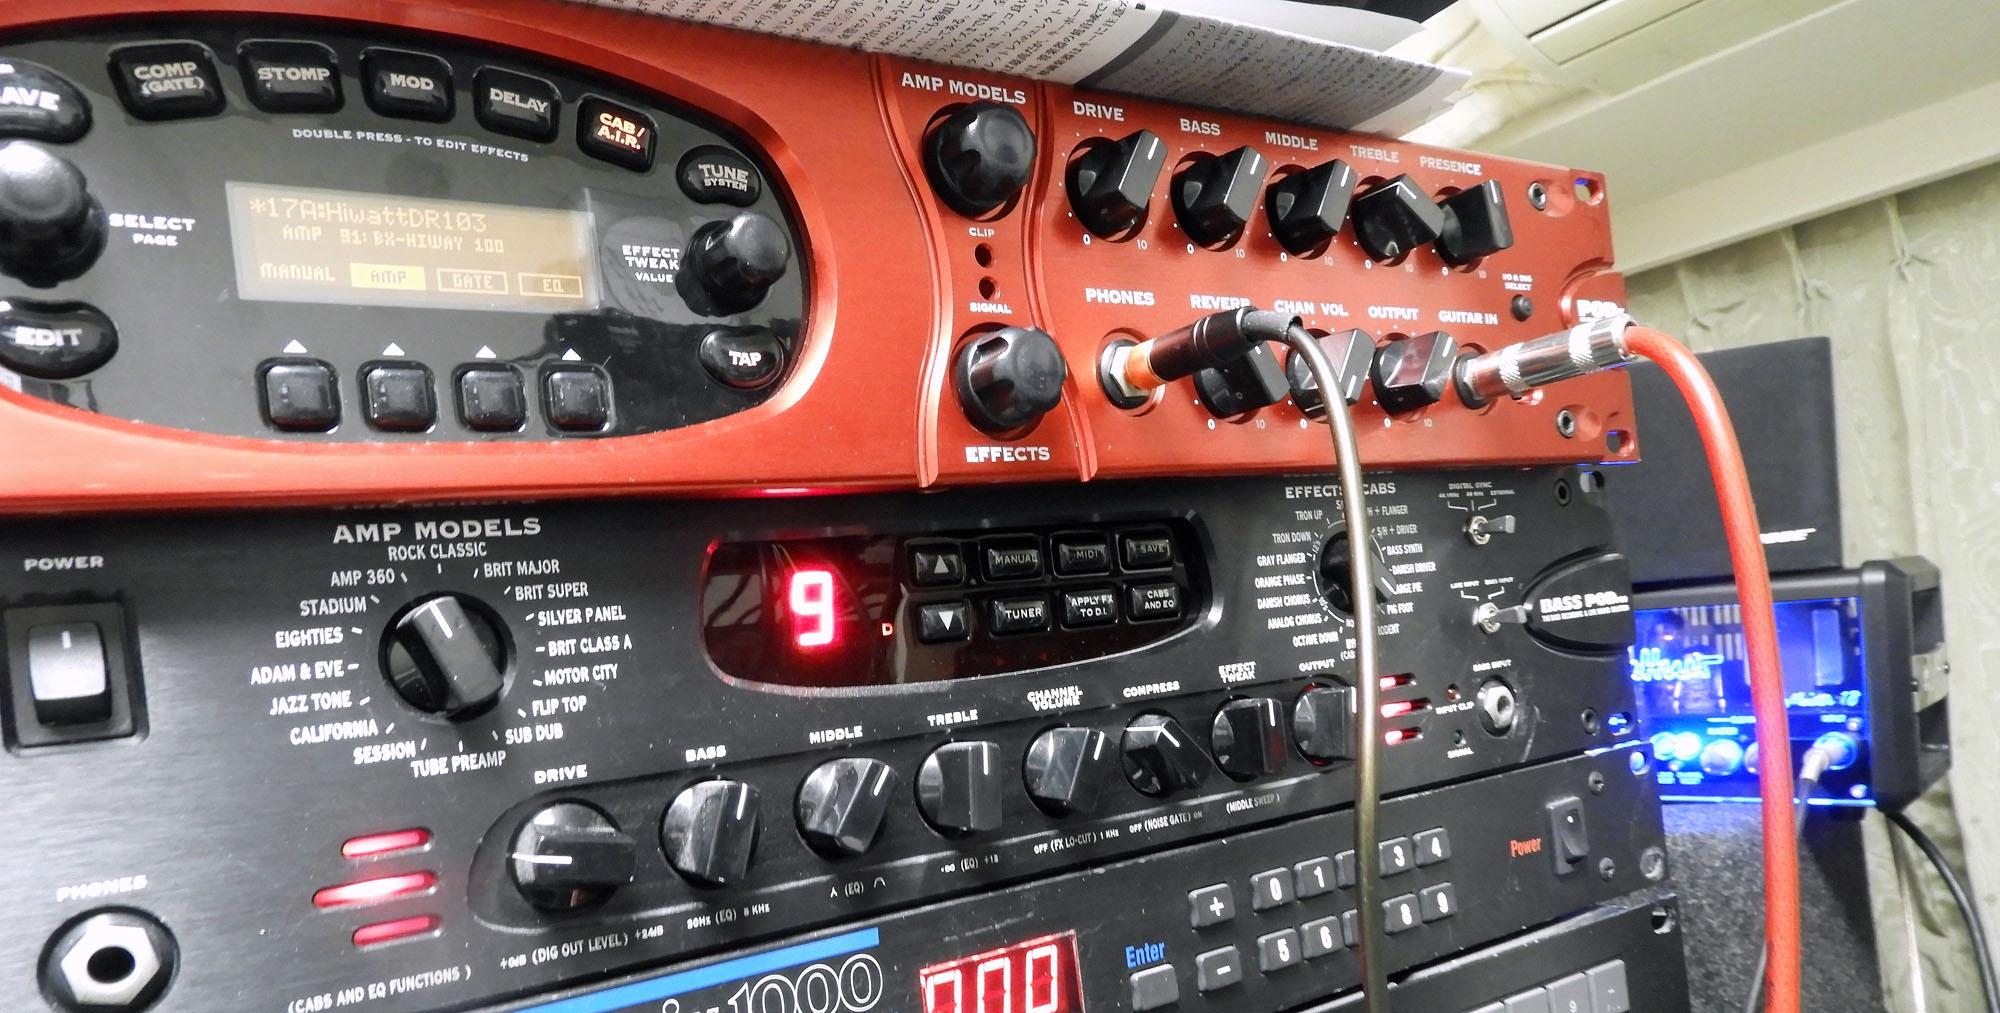 Pod XT Pro & Bass Pod Pro